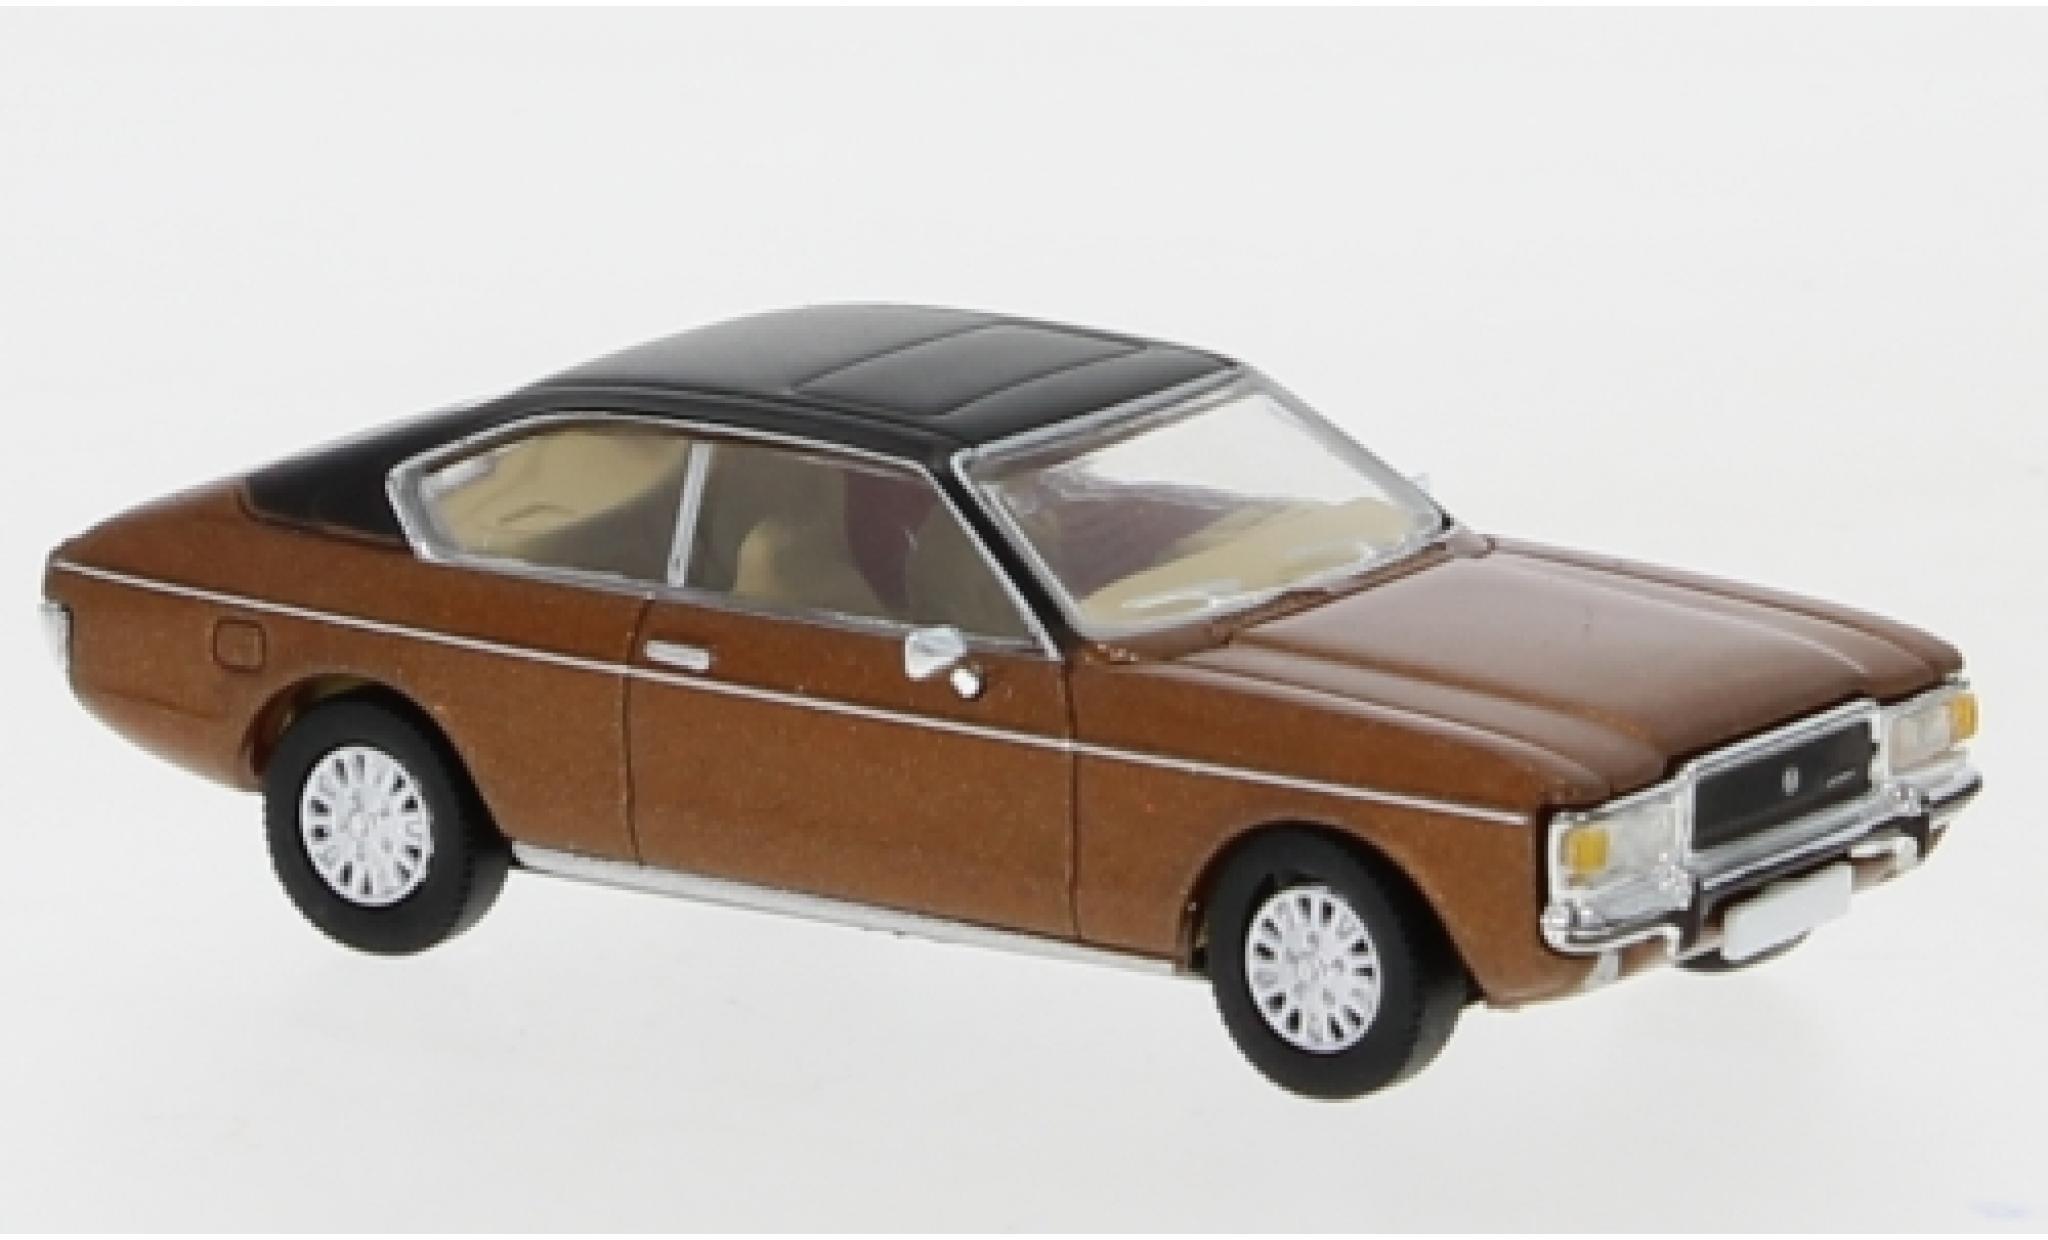 Ford Granada 1/87 Premium ClassiXXs MK I Coupe metallise marron/matt-noire 1974